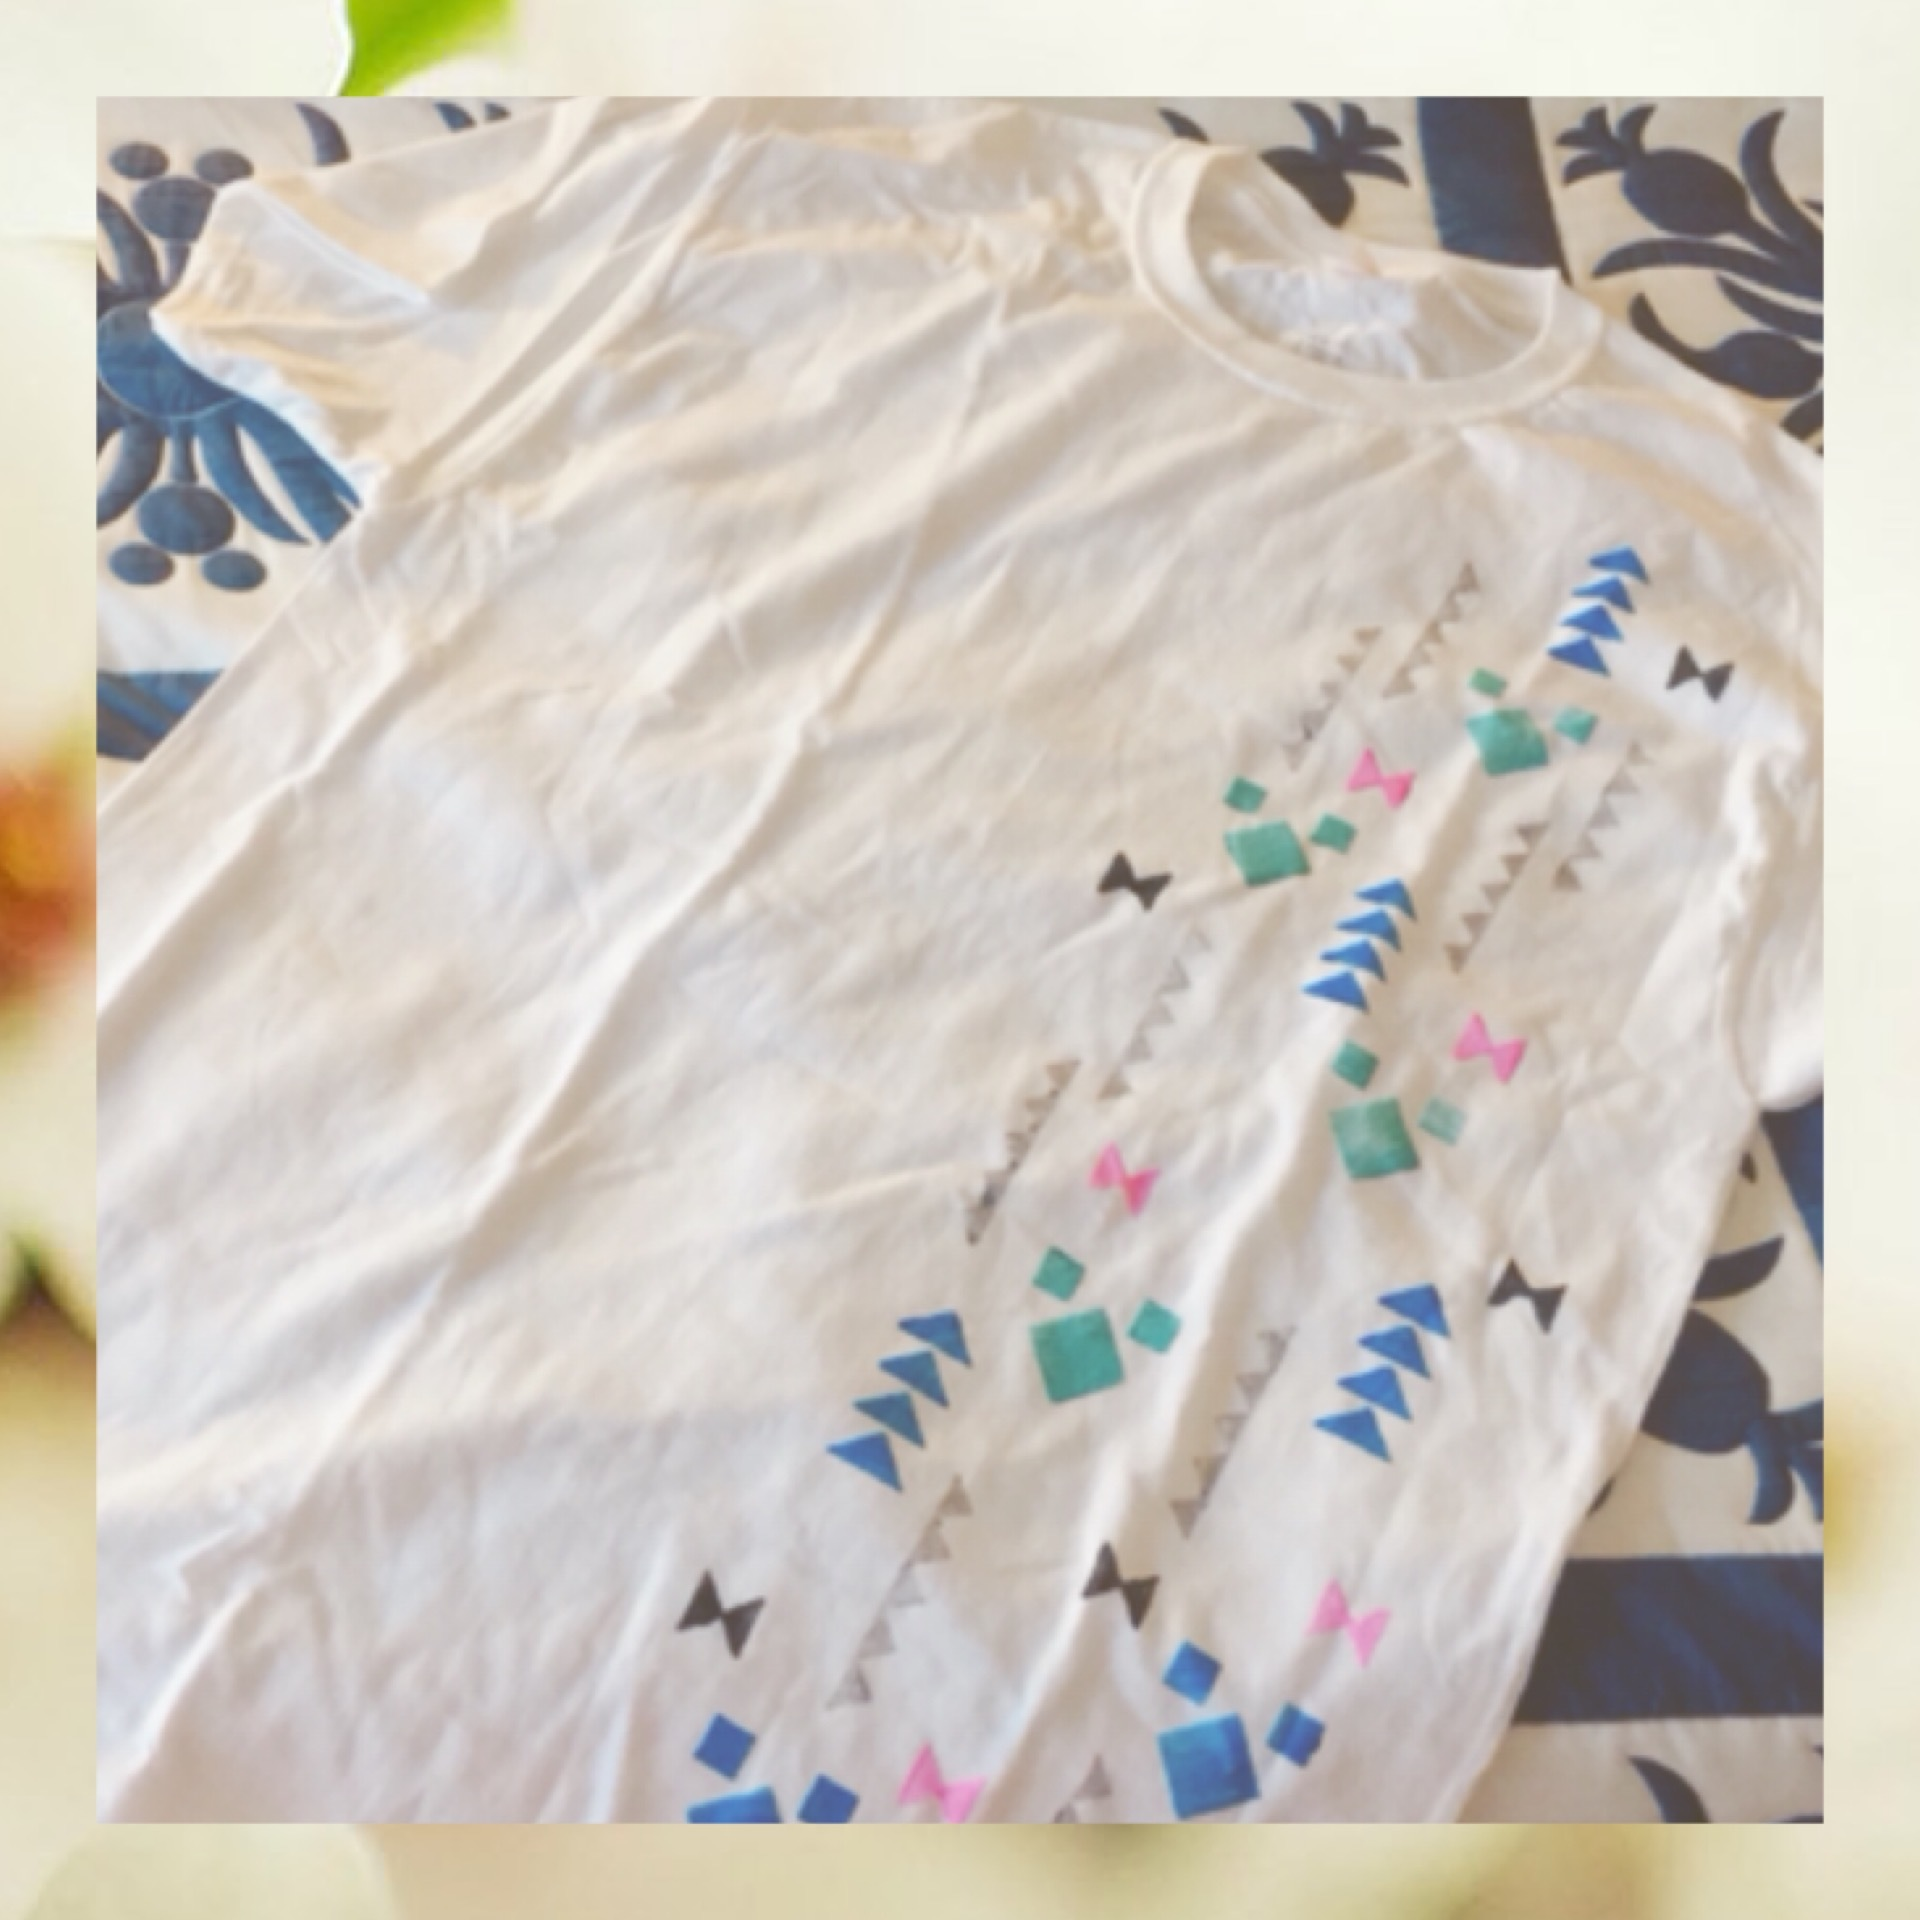 《カルチャーアクティビティ&ショー》フラ体験とTシャツ作りに挑戦 ٭¨̮♫ _1_3